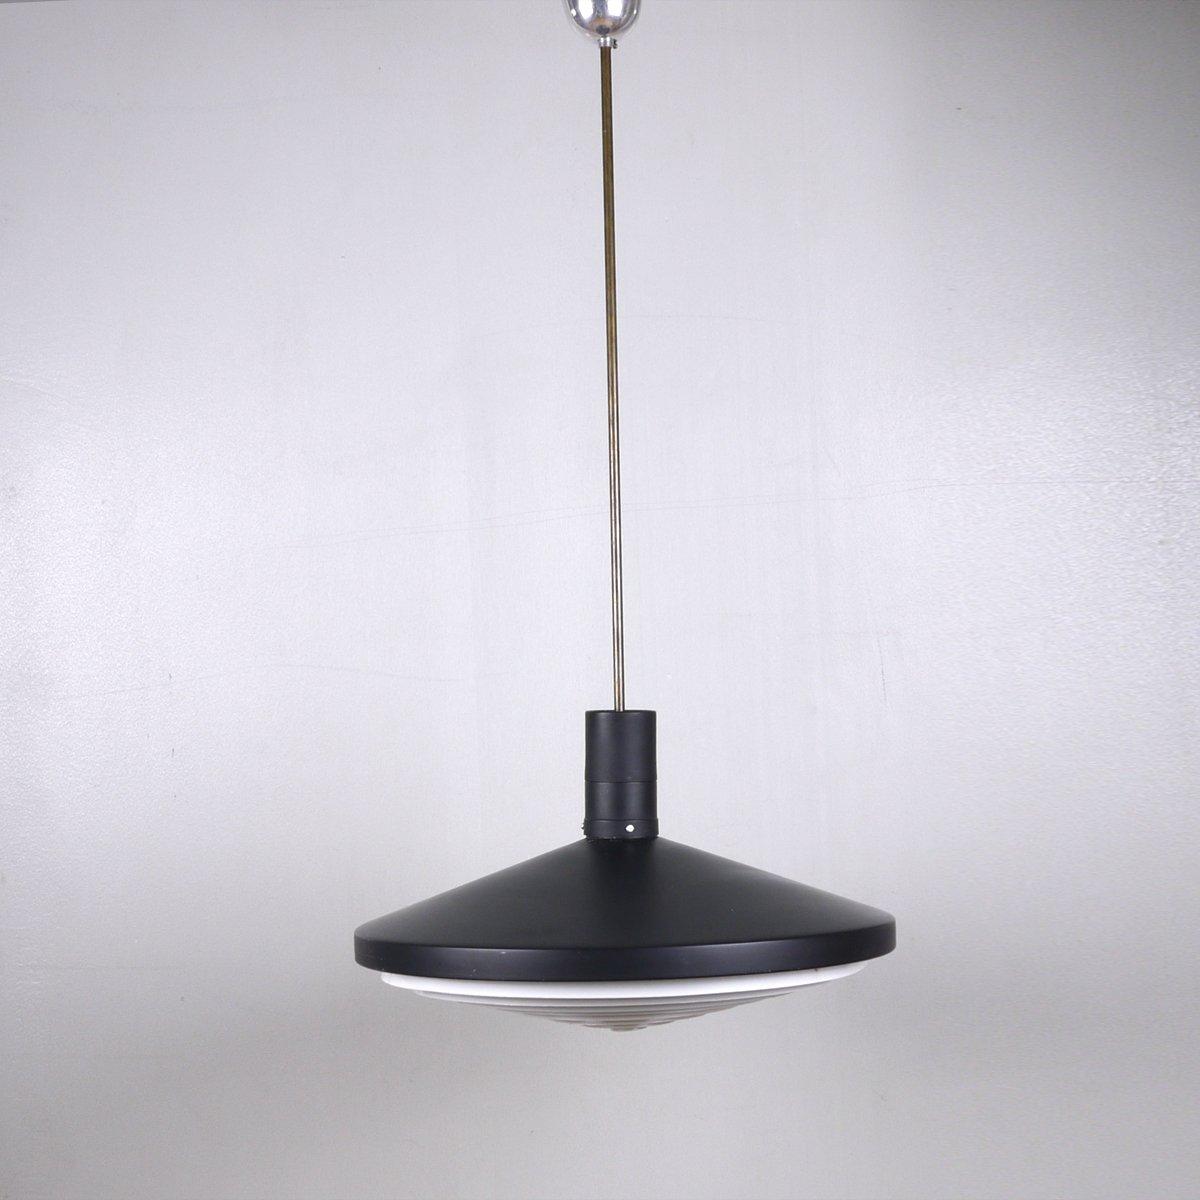 scheibenf rmige industrielle mid century metall h ngelampe in schwarz und wei bei pamono kaufen. Black Bedroom Furniture Sets. Home Design Ideas